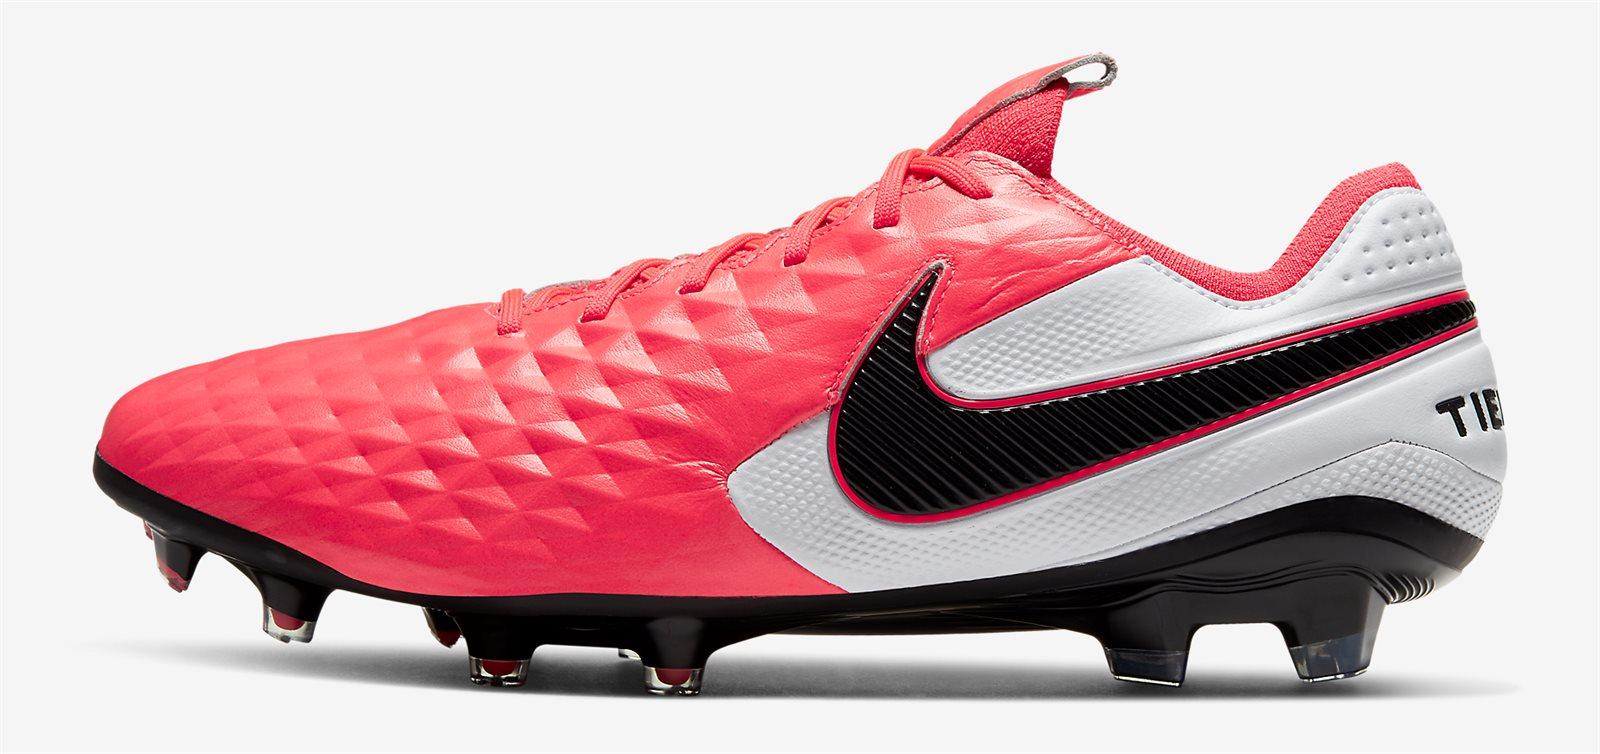 Dòng giày bóng đá da thật NIke Tiempo cũng được nhiều trung vệ lựa chọn để thi đấu